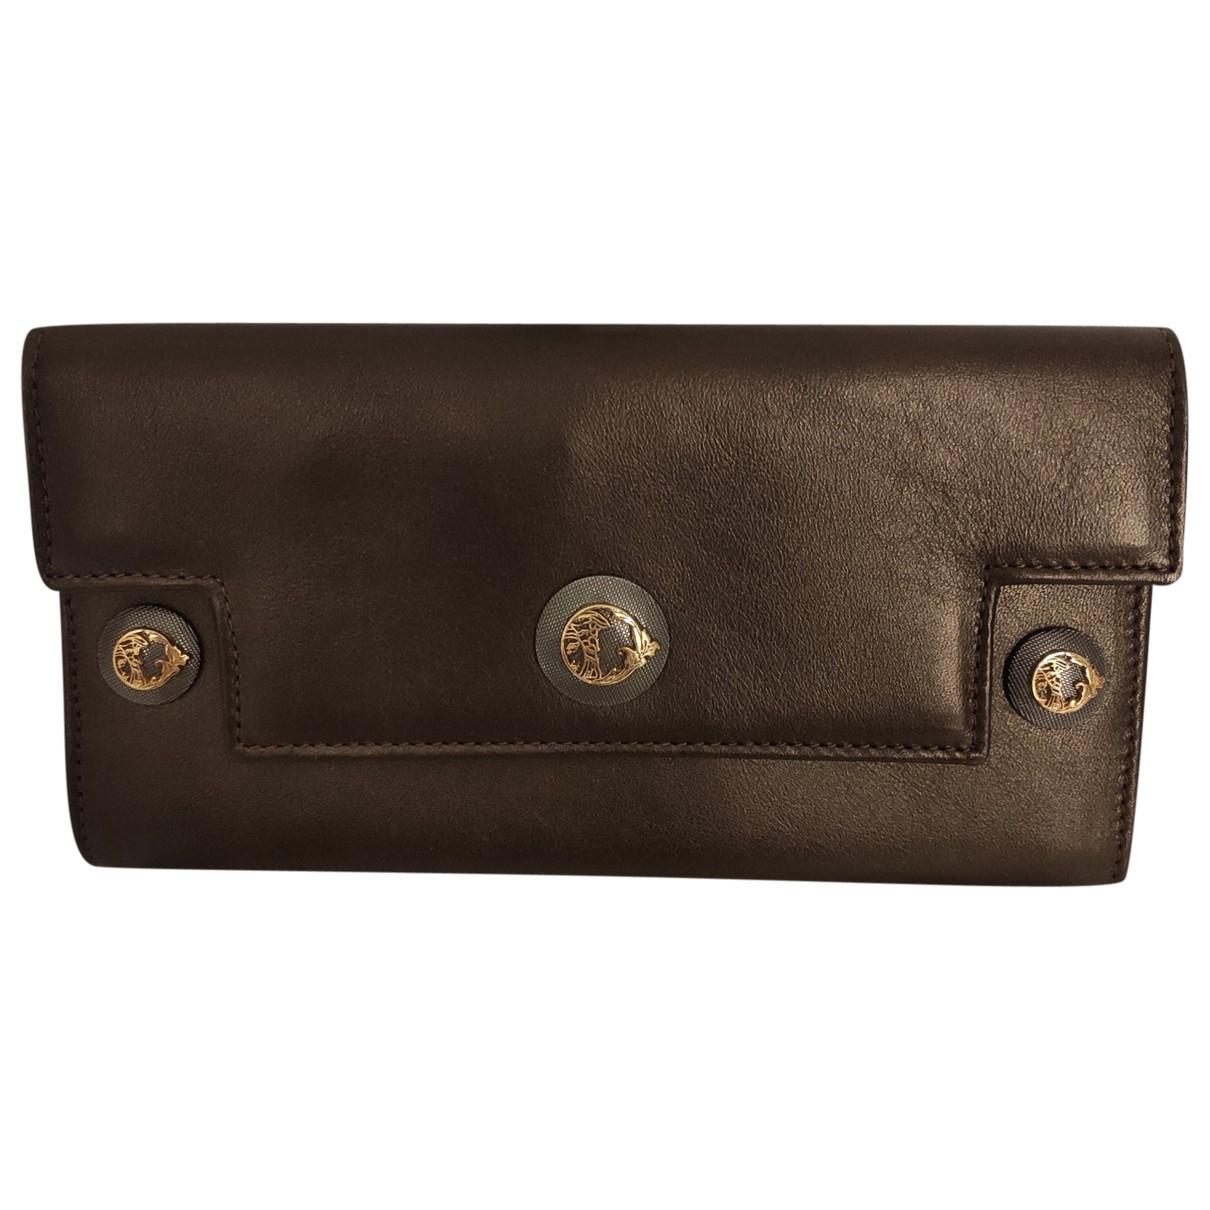 Versace \N Portemonnaie in  Braun Leder